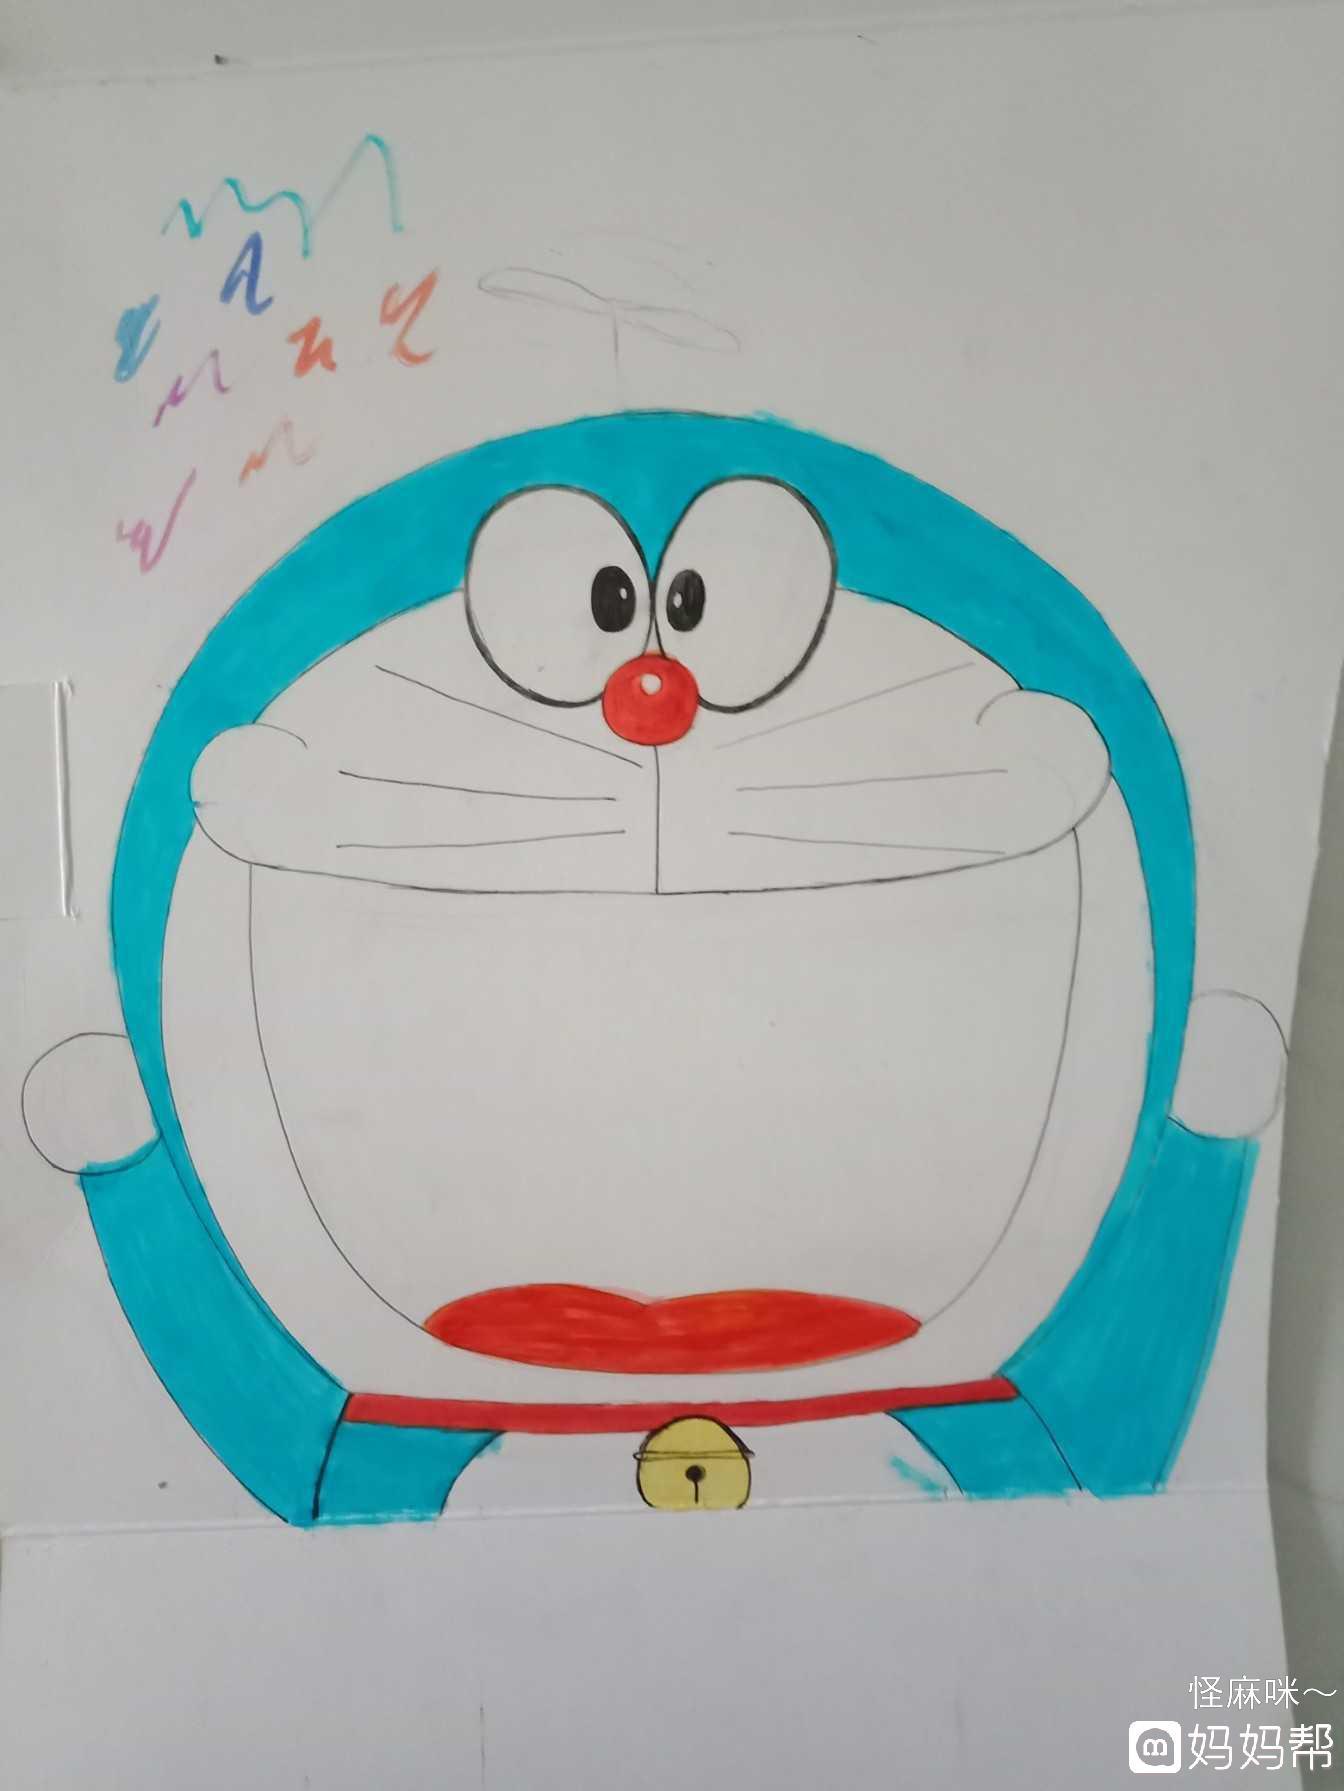 《小动物喂食》制作流程:  步骤一,准备笔,剪刀,刻刀,胶和废纸盒!